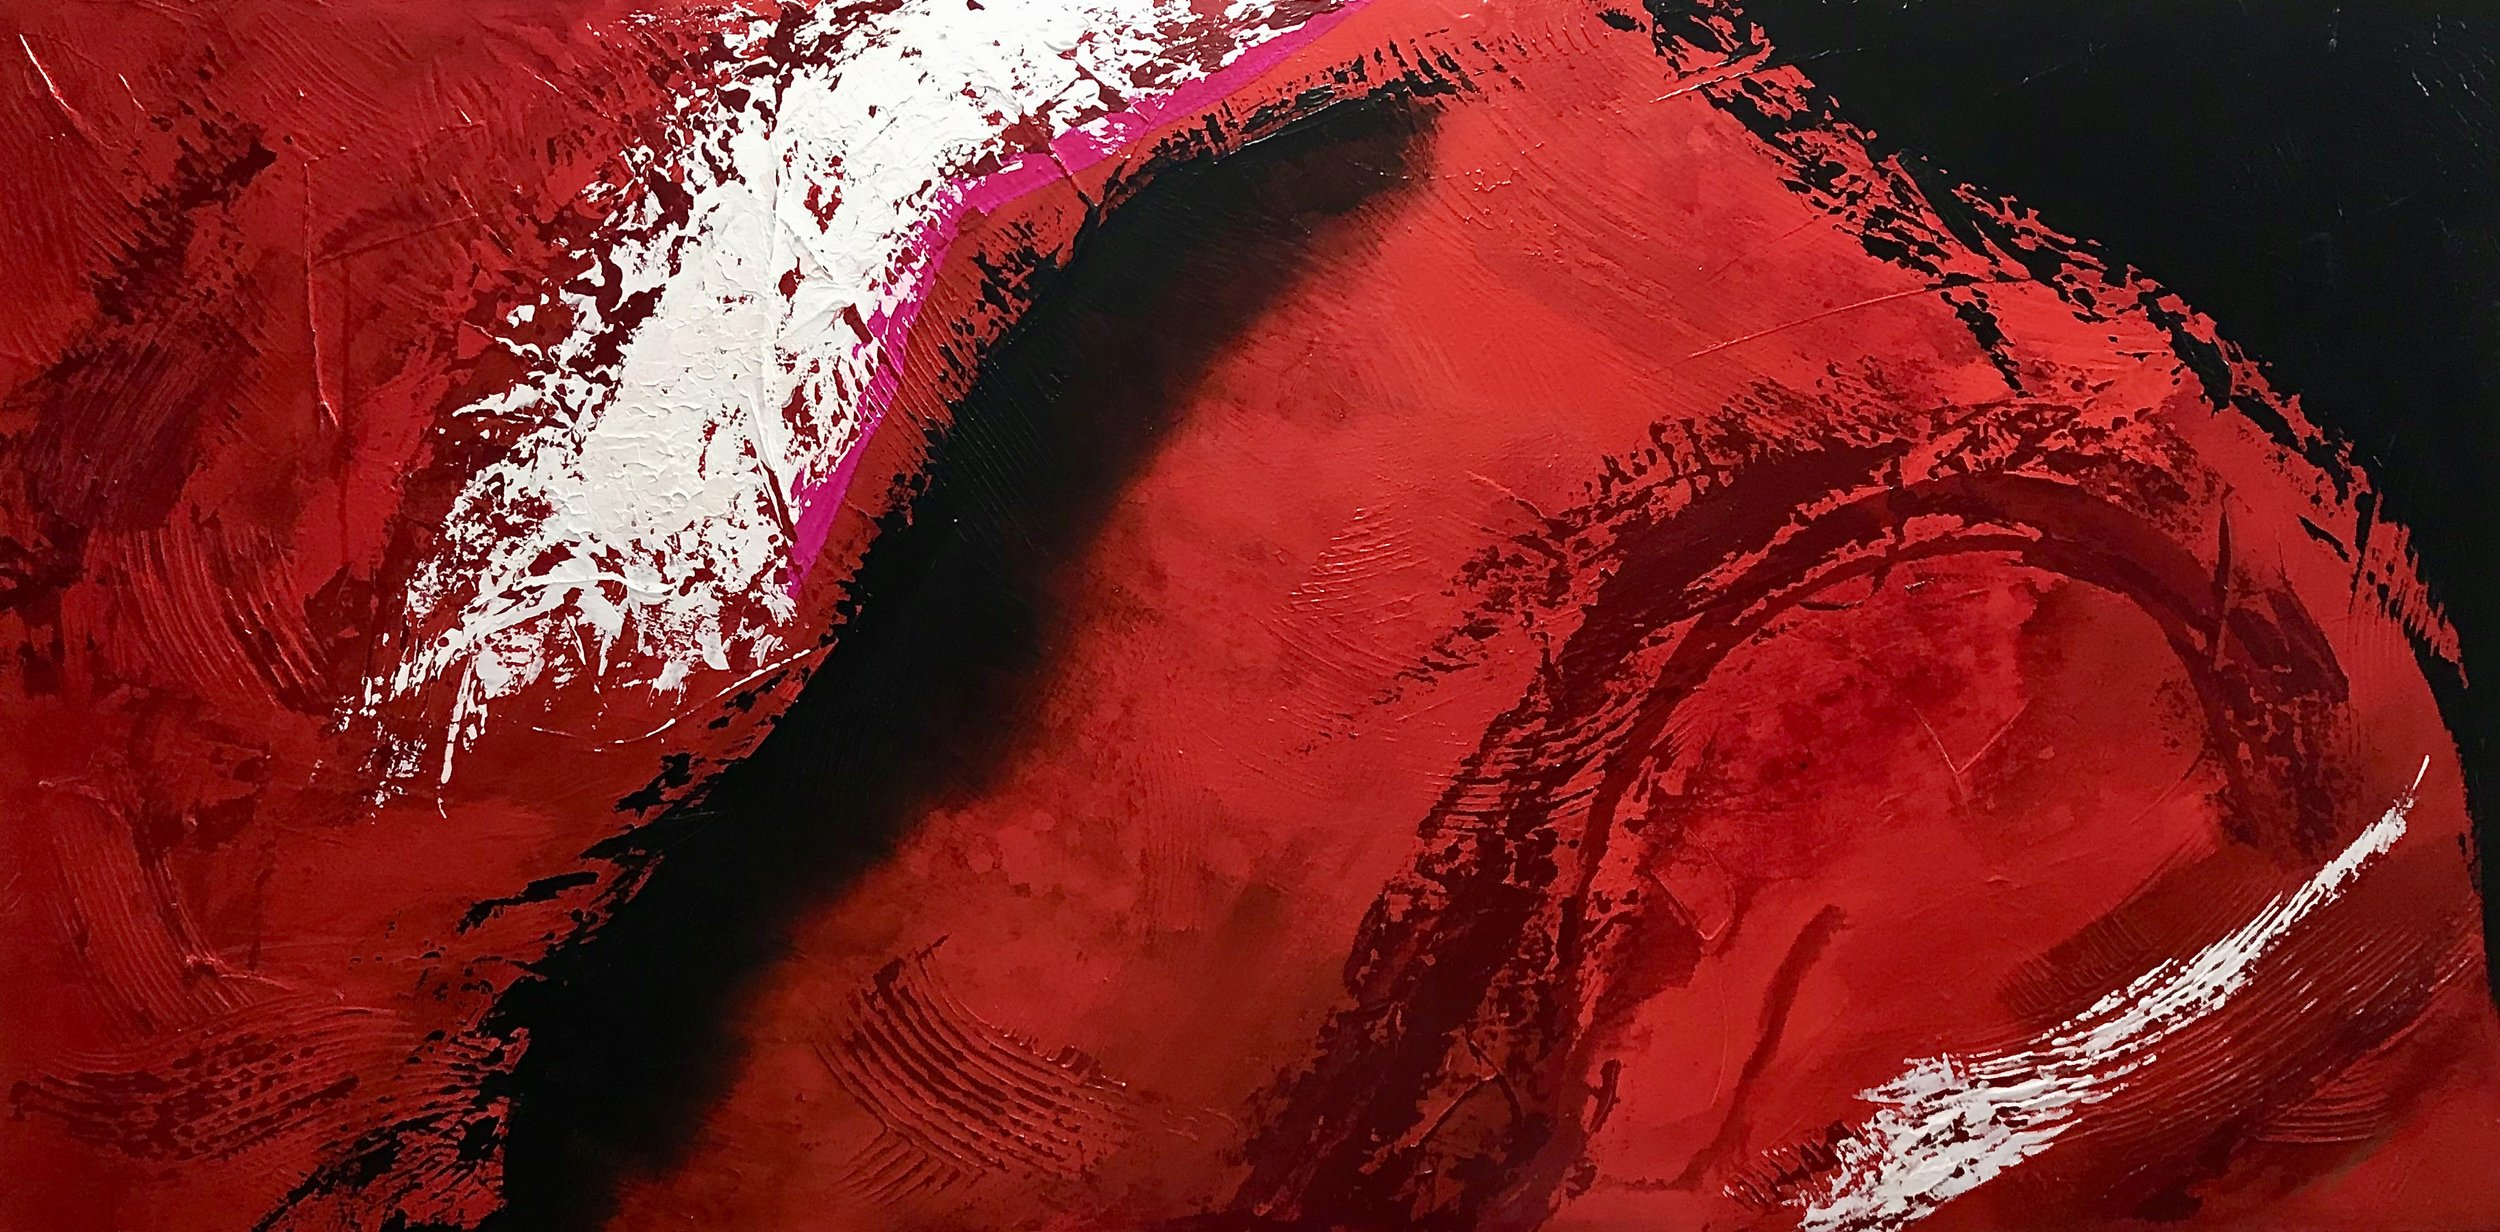 Red Plus 308019